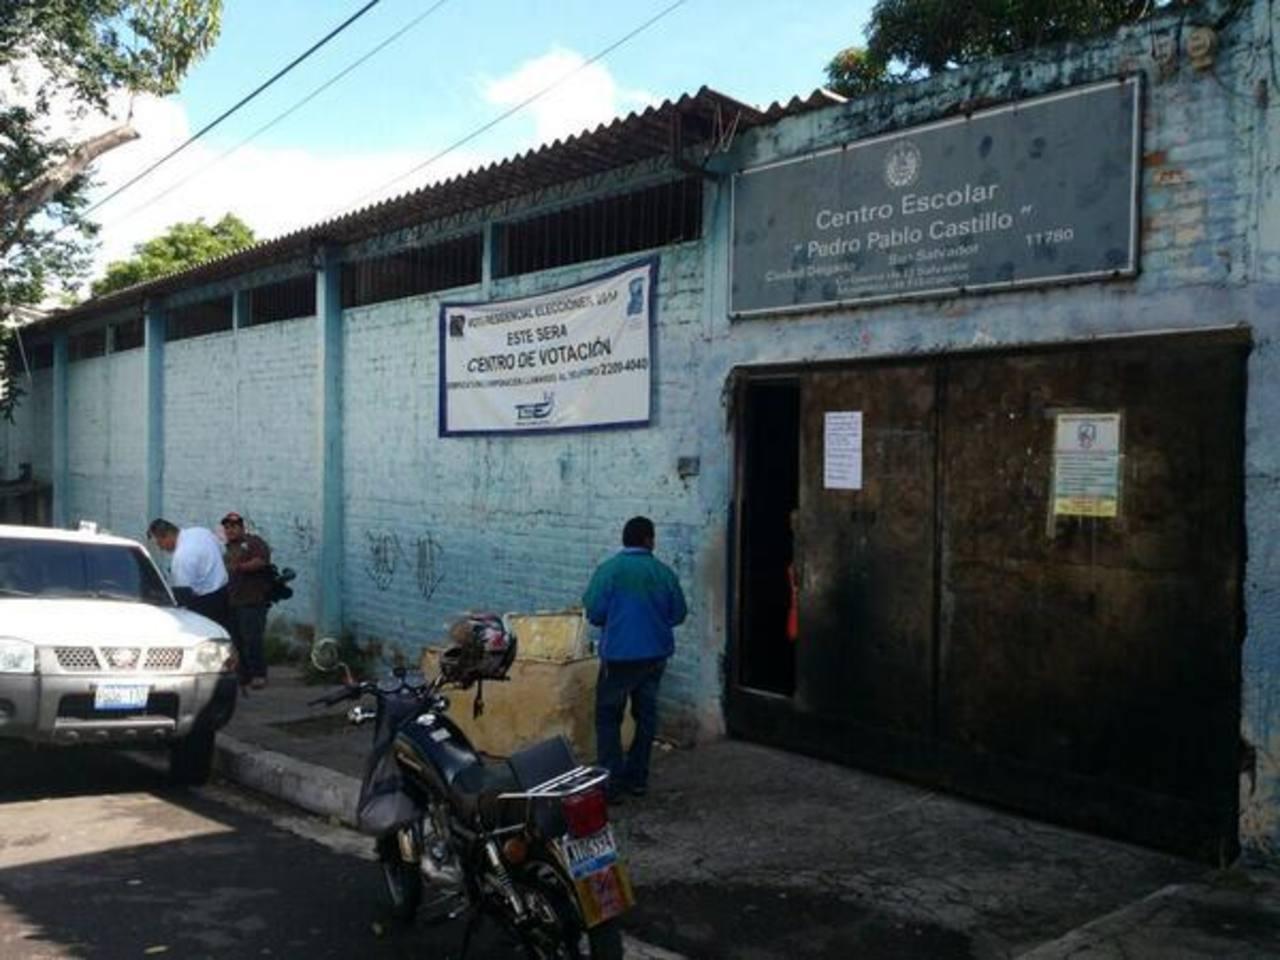 Esta mañana delincuentes hurtaron una grabadora en la Escuela Pedro Pablo Castillo, en Ciudad Delgado. Foto EDH/ Jaime Anaya